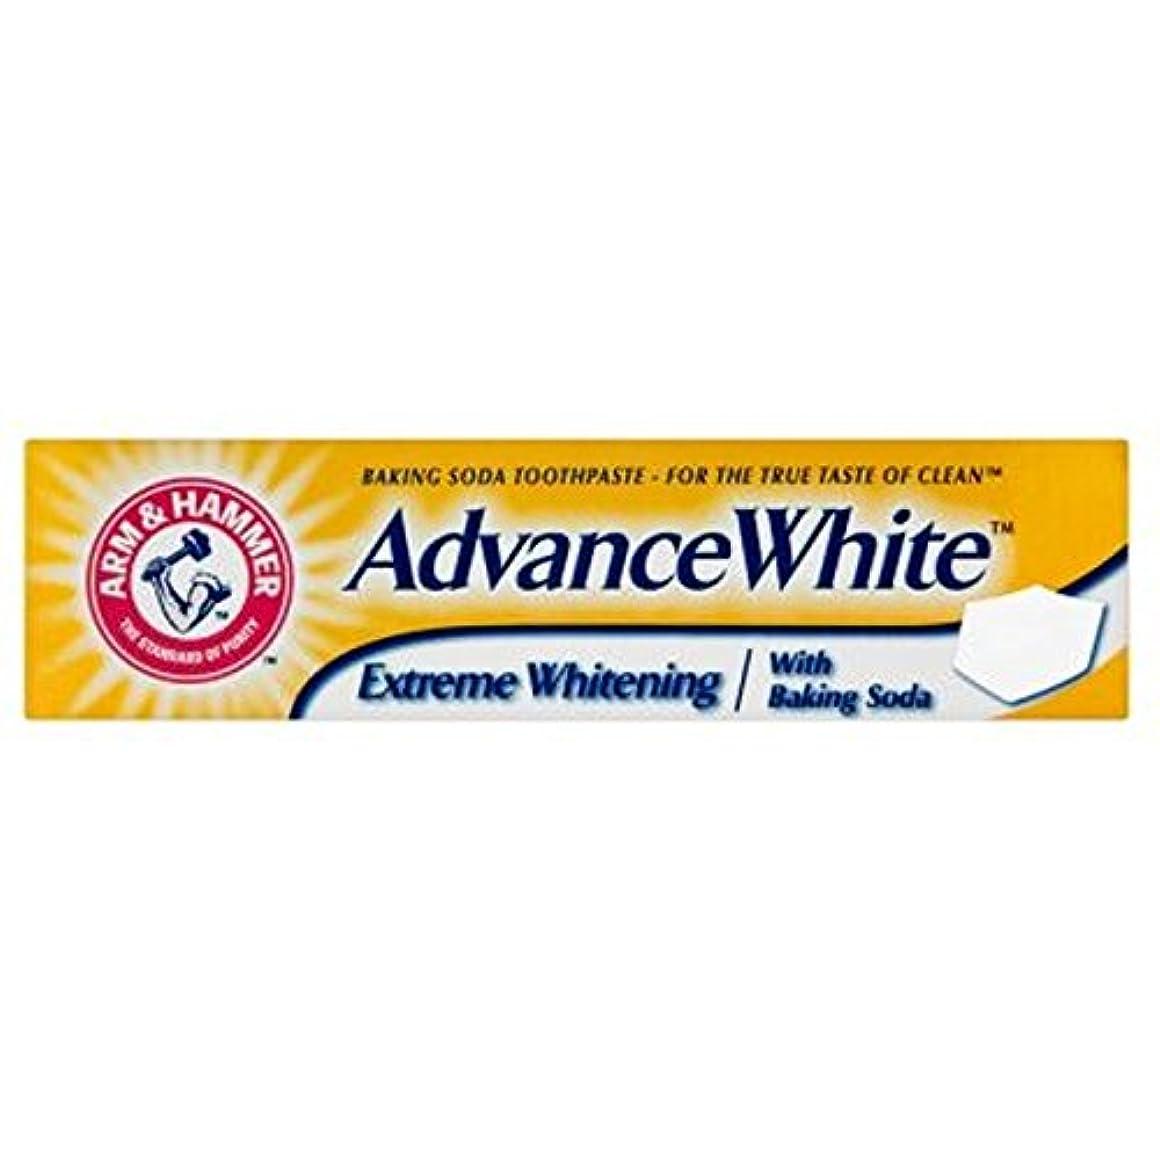 コンピューター小麦余剰重曹歯磨き粉75ミリリットルをホワイトニングアーム&ハンマー事前白極端 (Arm & Hammer) (x2) - Arm & Hammer Advance White Extreme Whitening Baking...